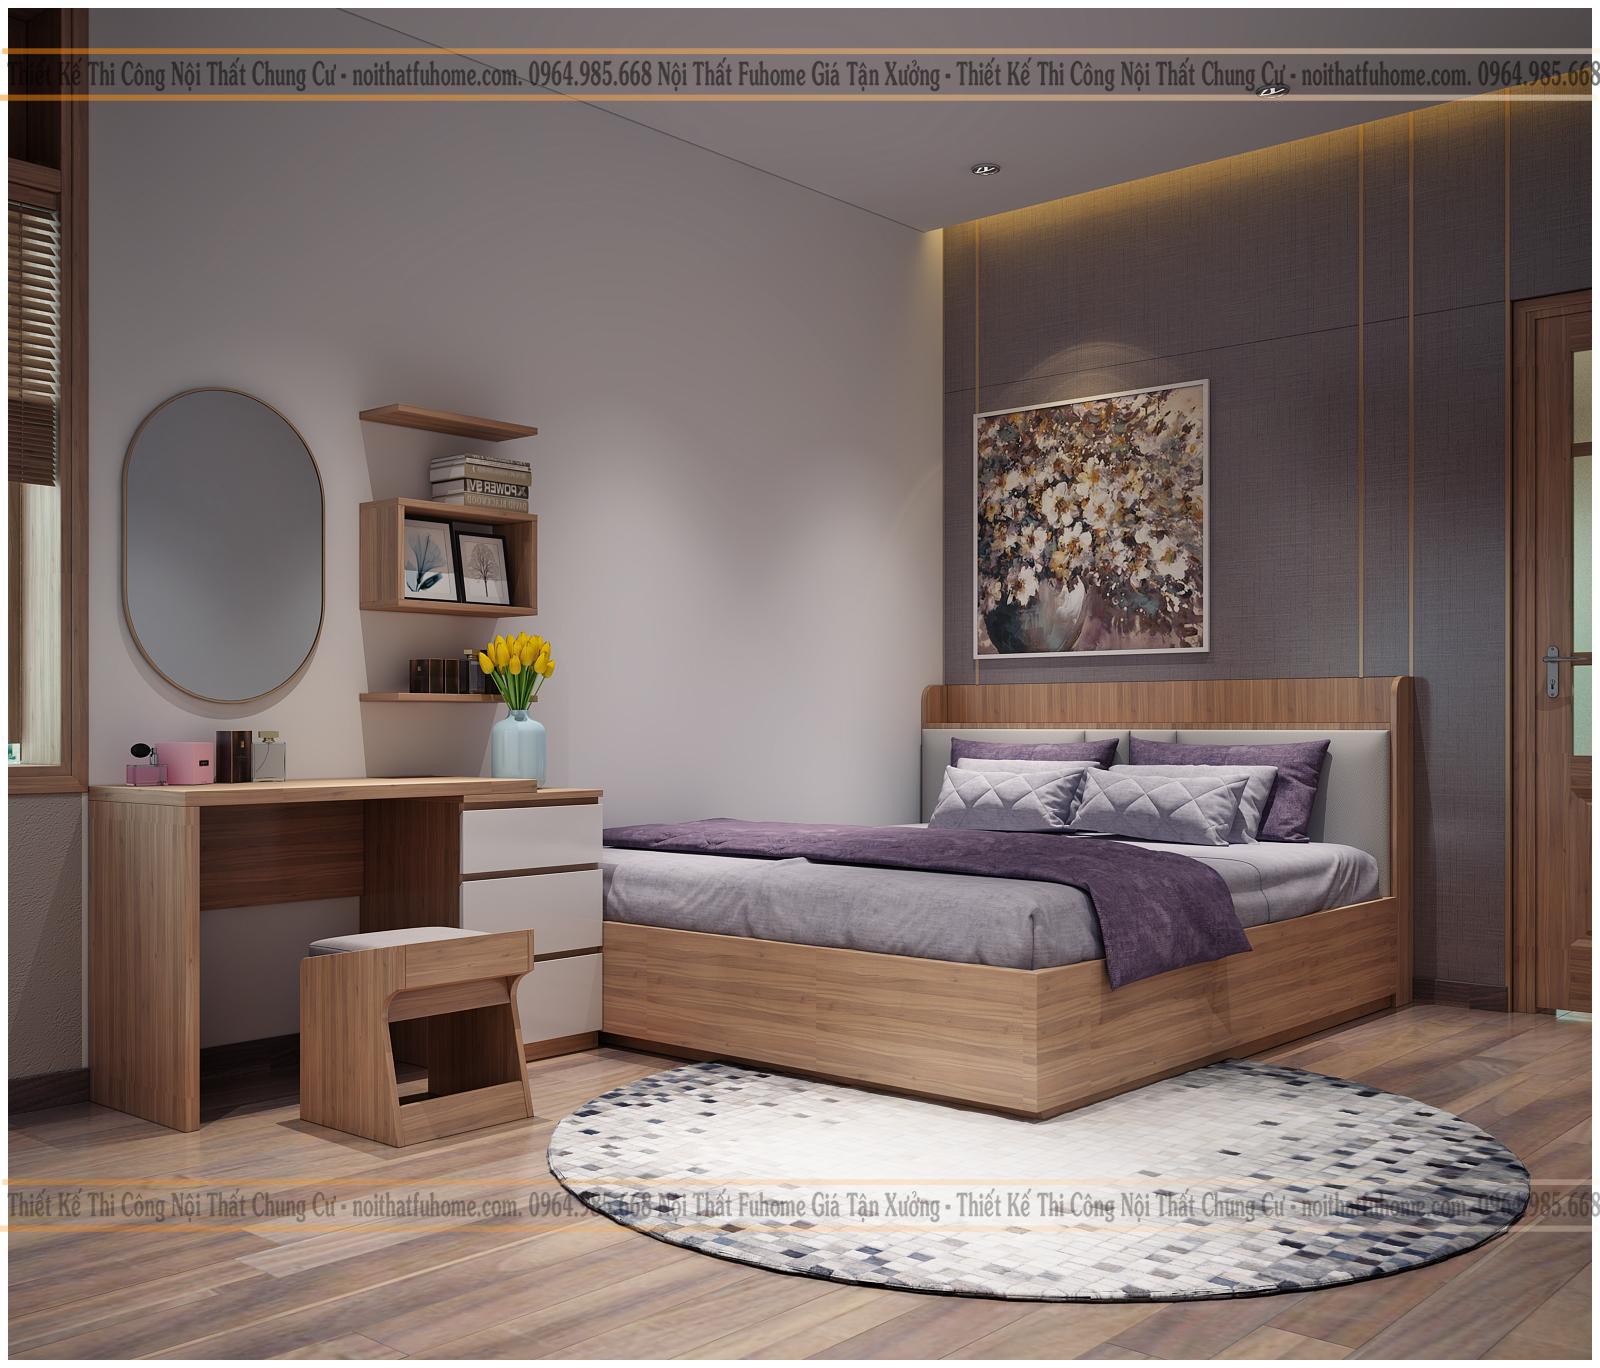 mẫu thiết kế đảm bảo phong thủy nội thất nhà ở 5